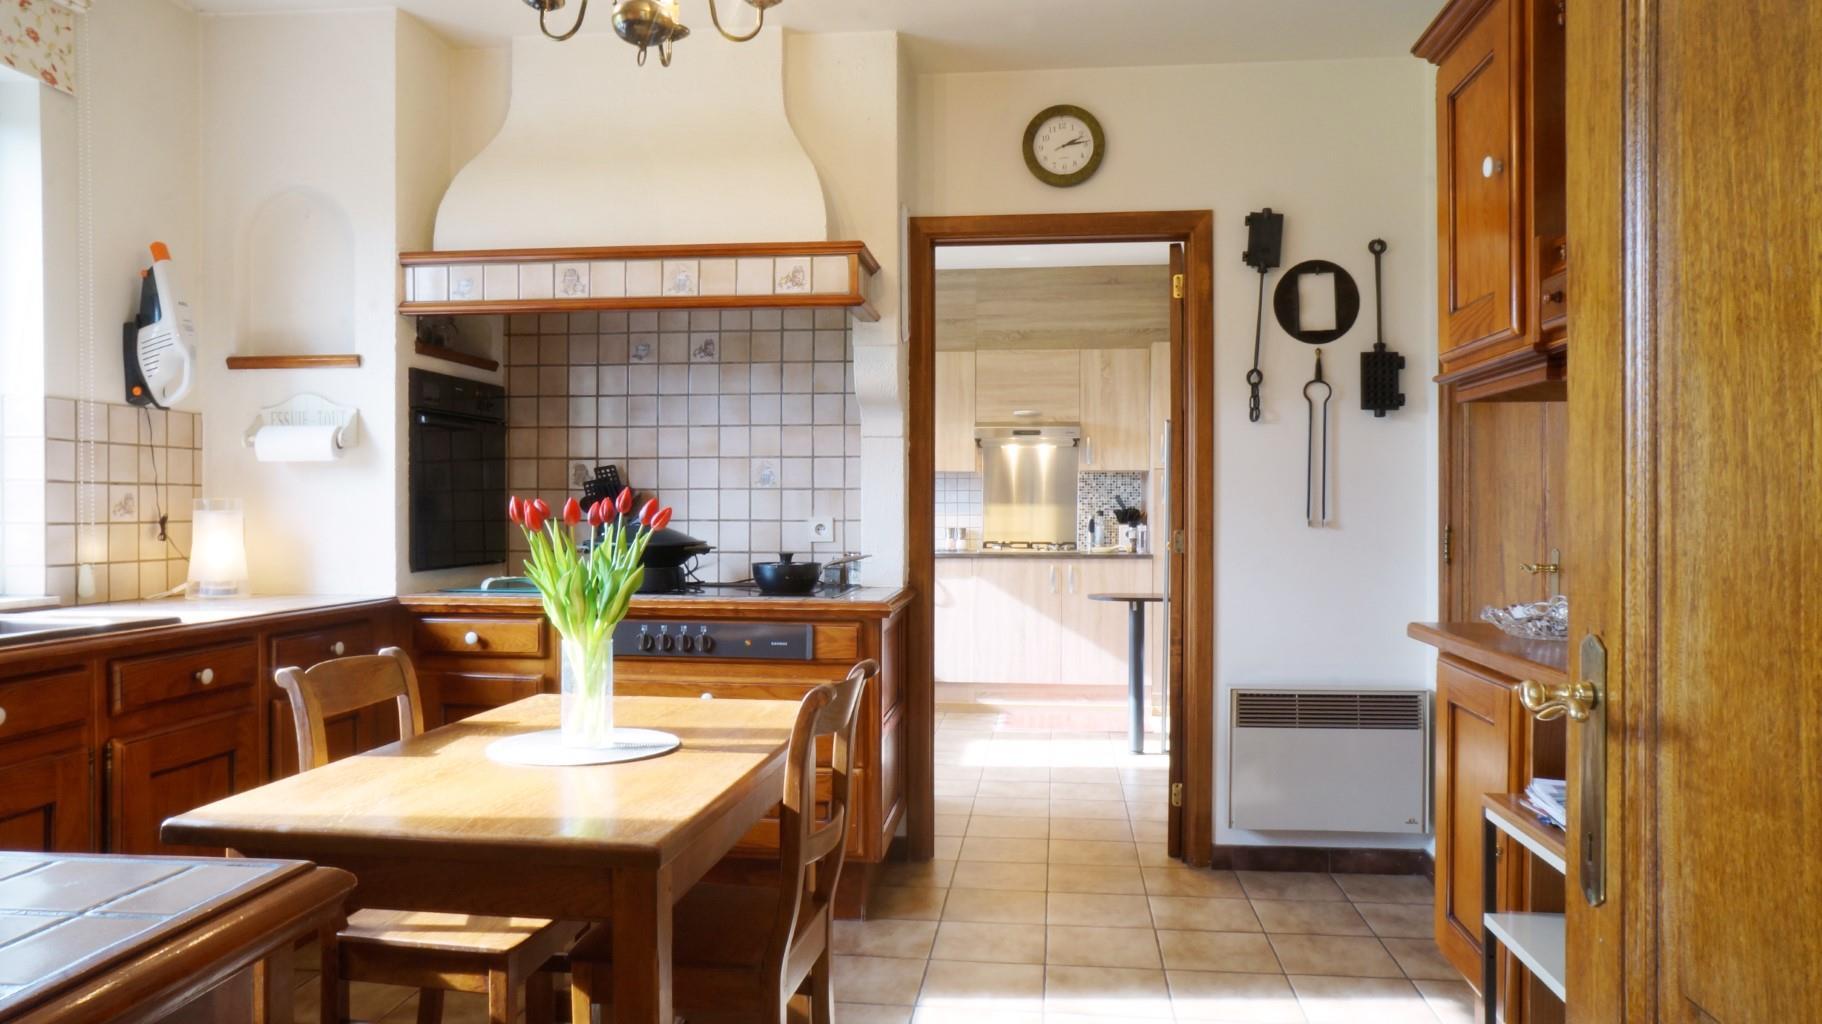 Maison - Perwez Thorembais-Saint-Trond - #4027352-5